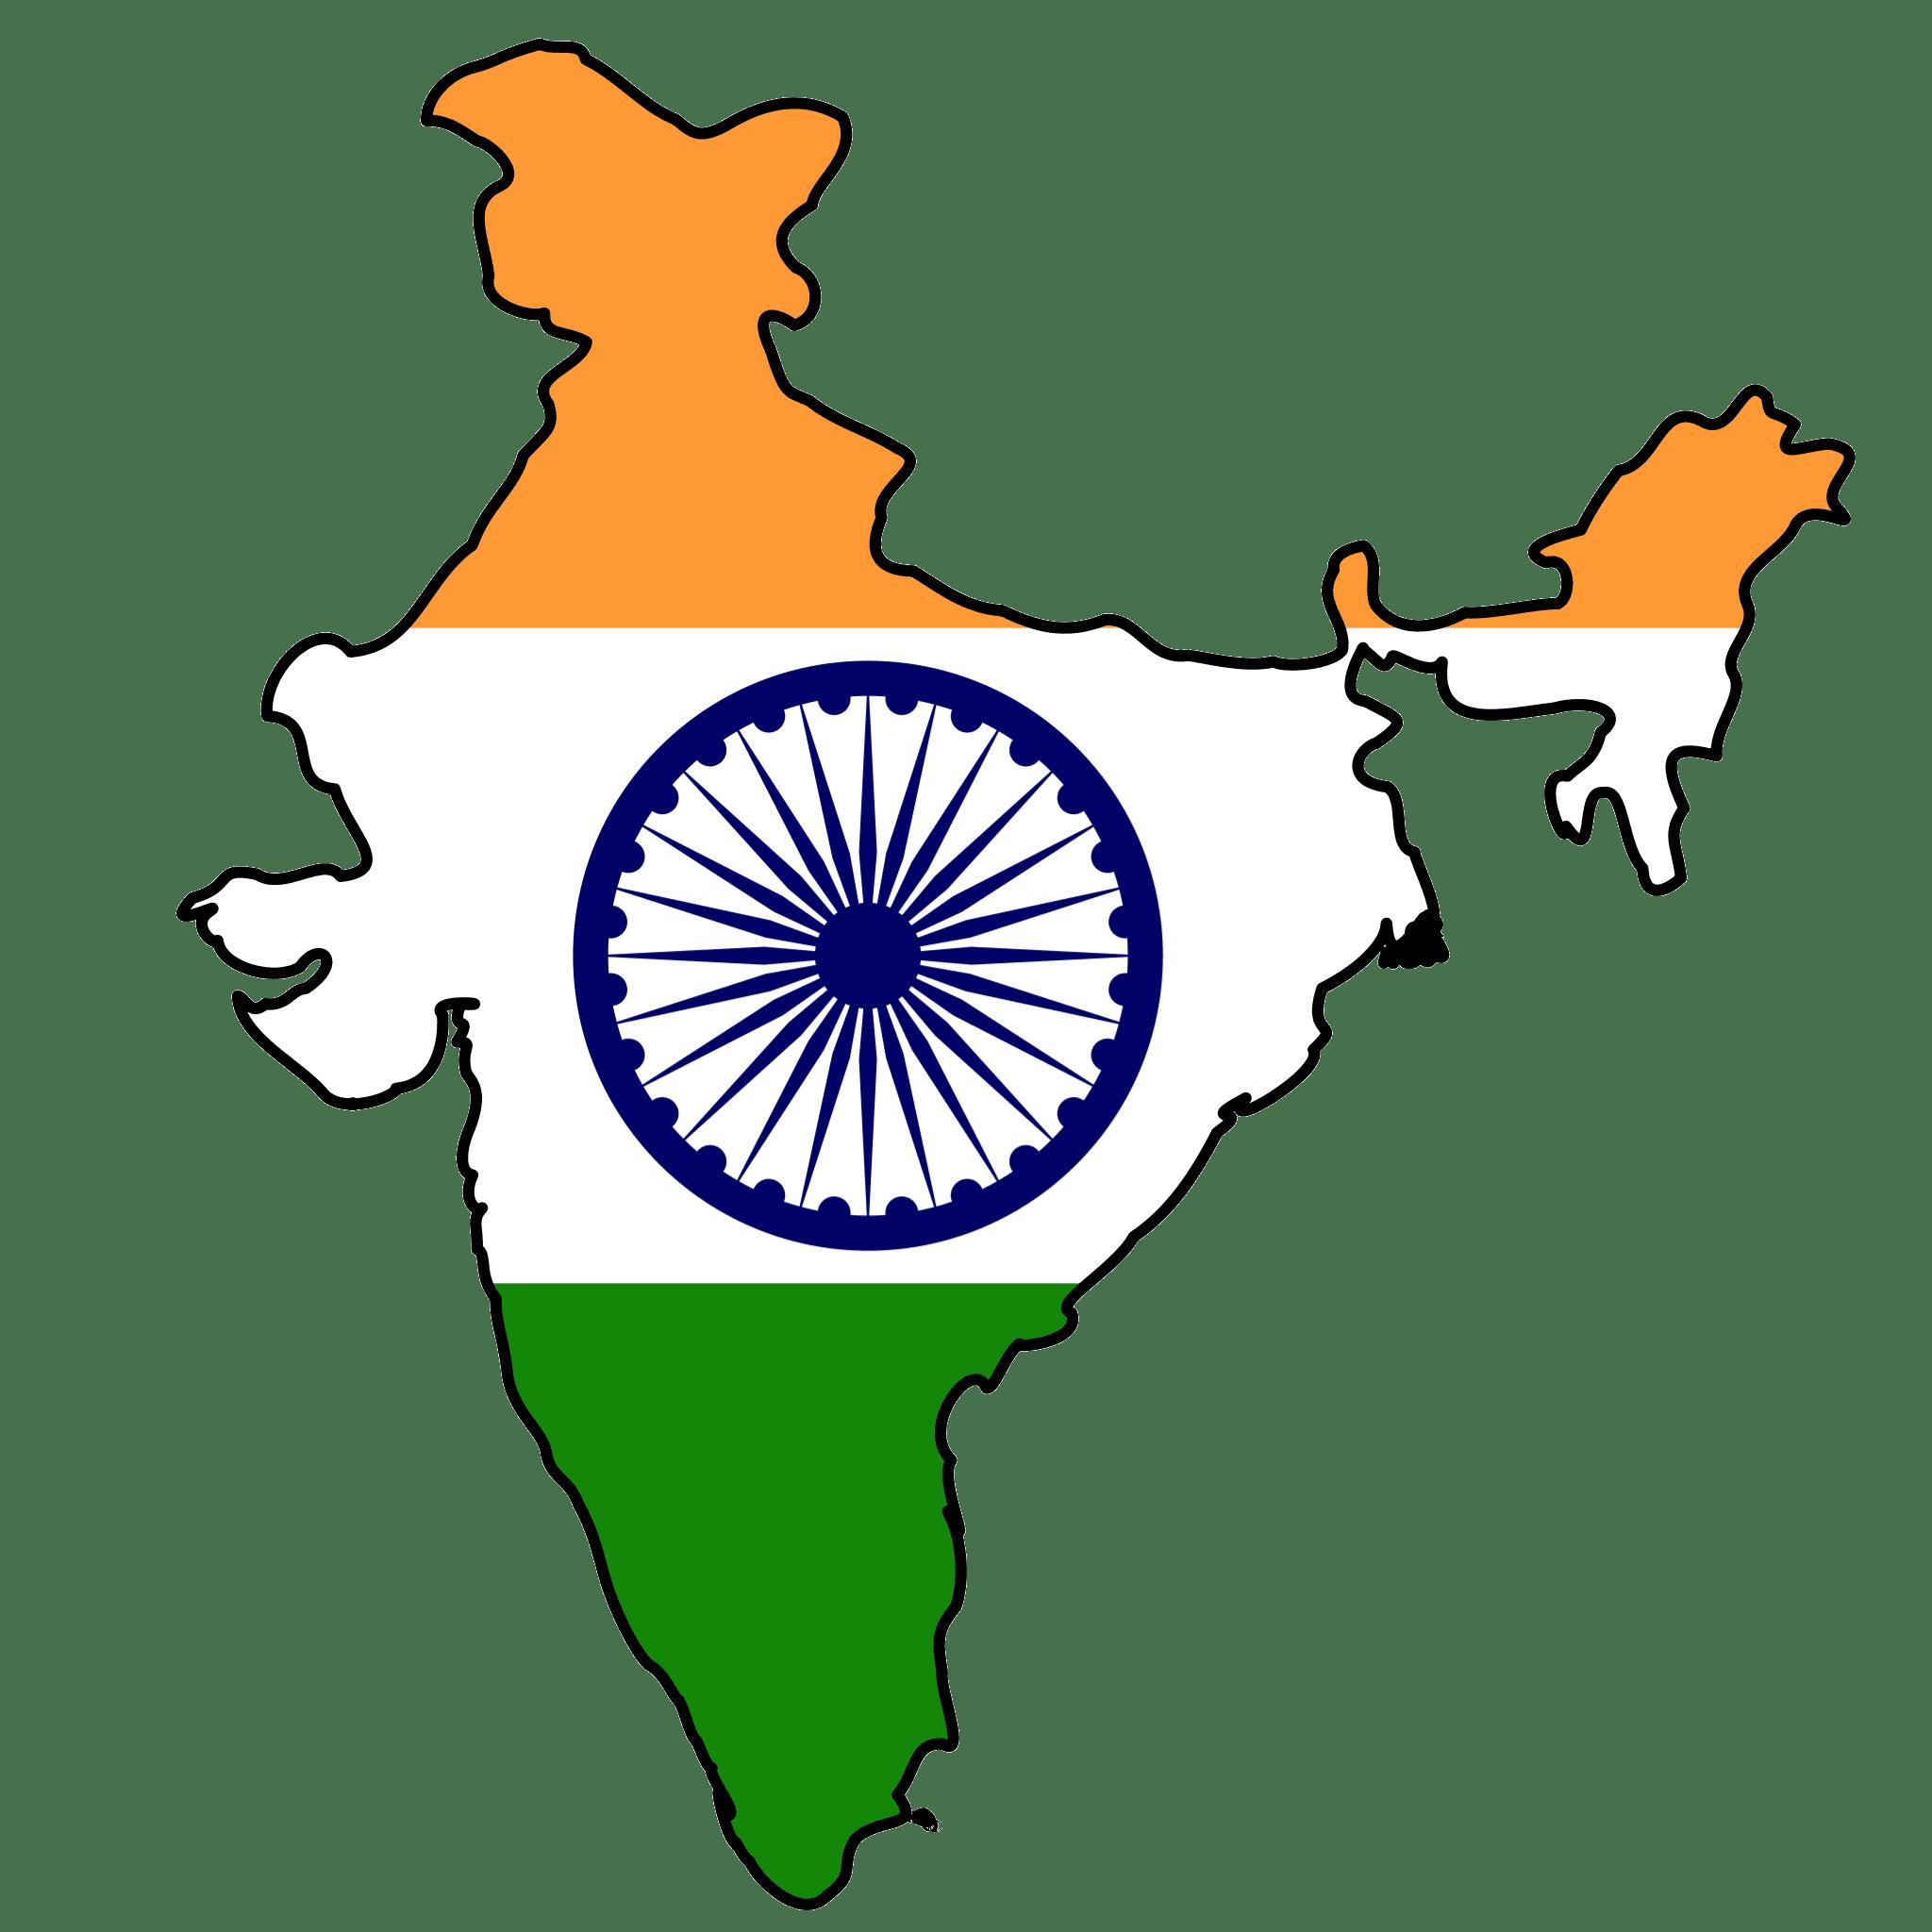 India clipart map bharat. Sewage energy